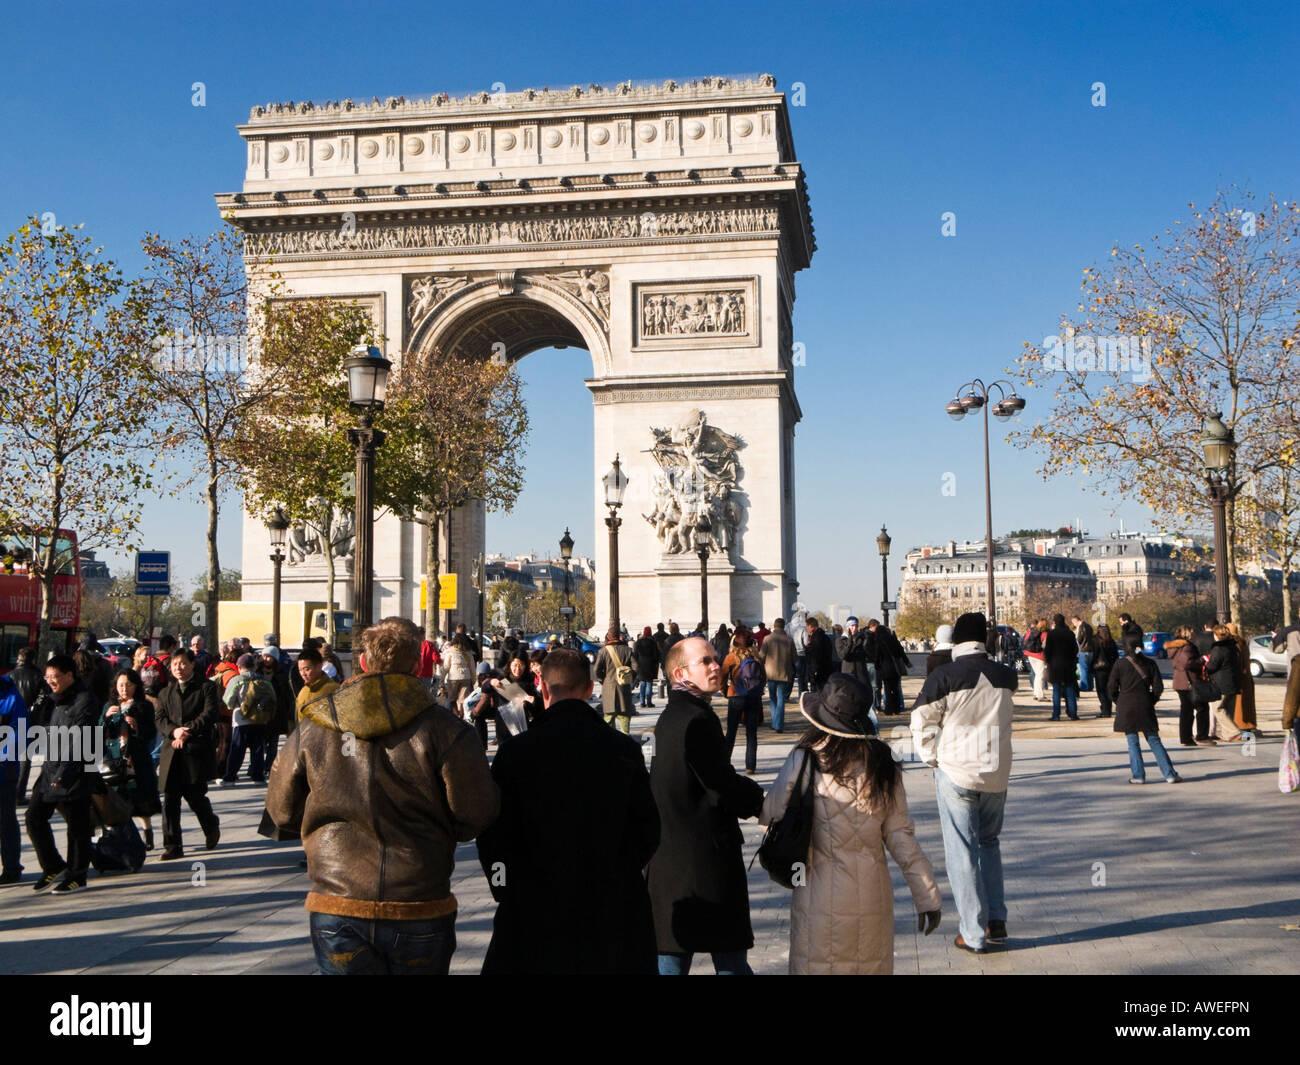 Arc de Triomphe, Paris, busy with tourists - Stock Image